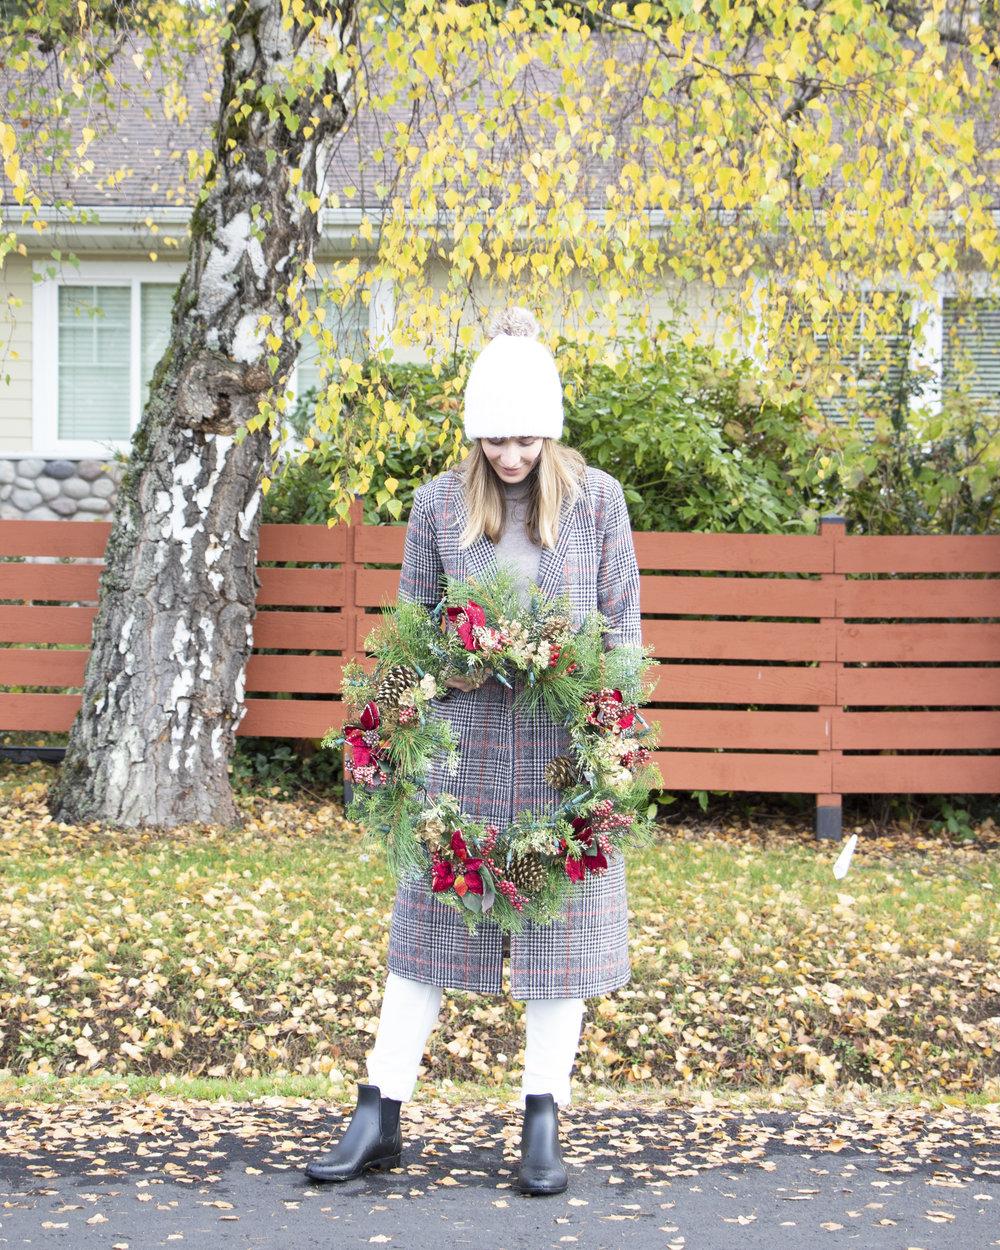 XXX_MoP_Wreath.jpg